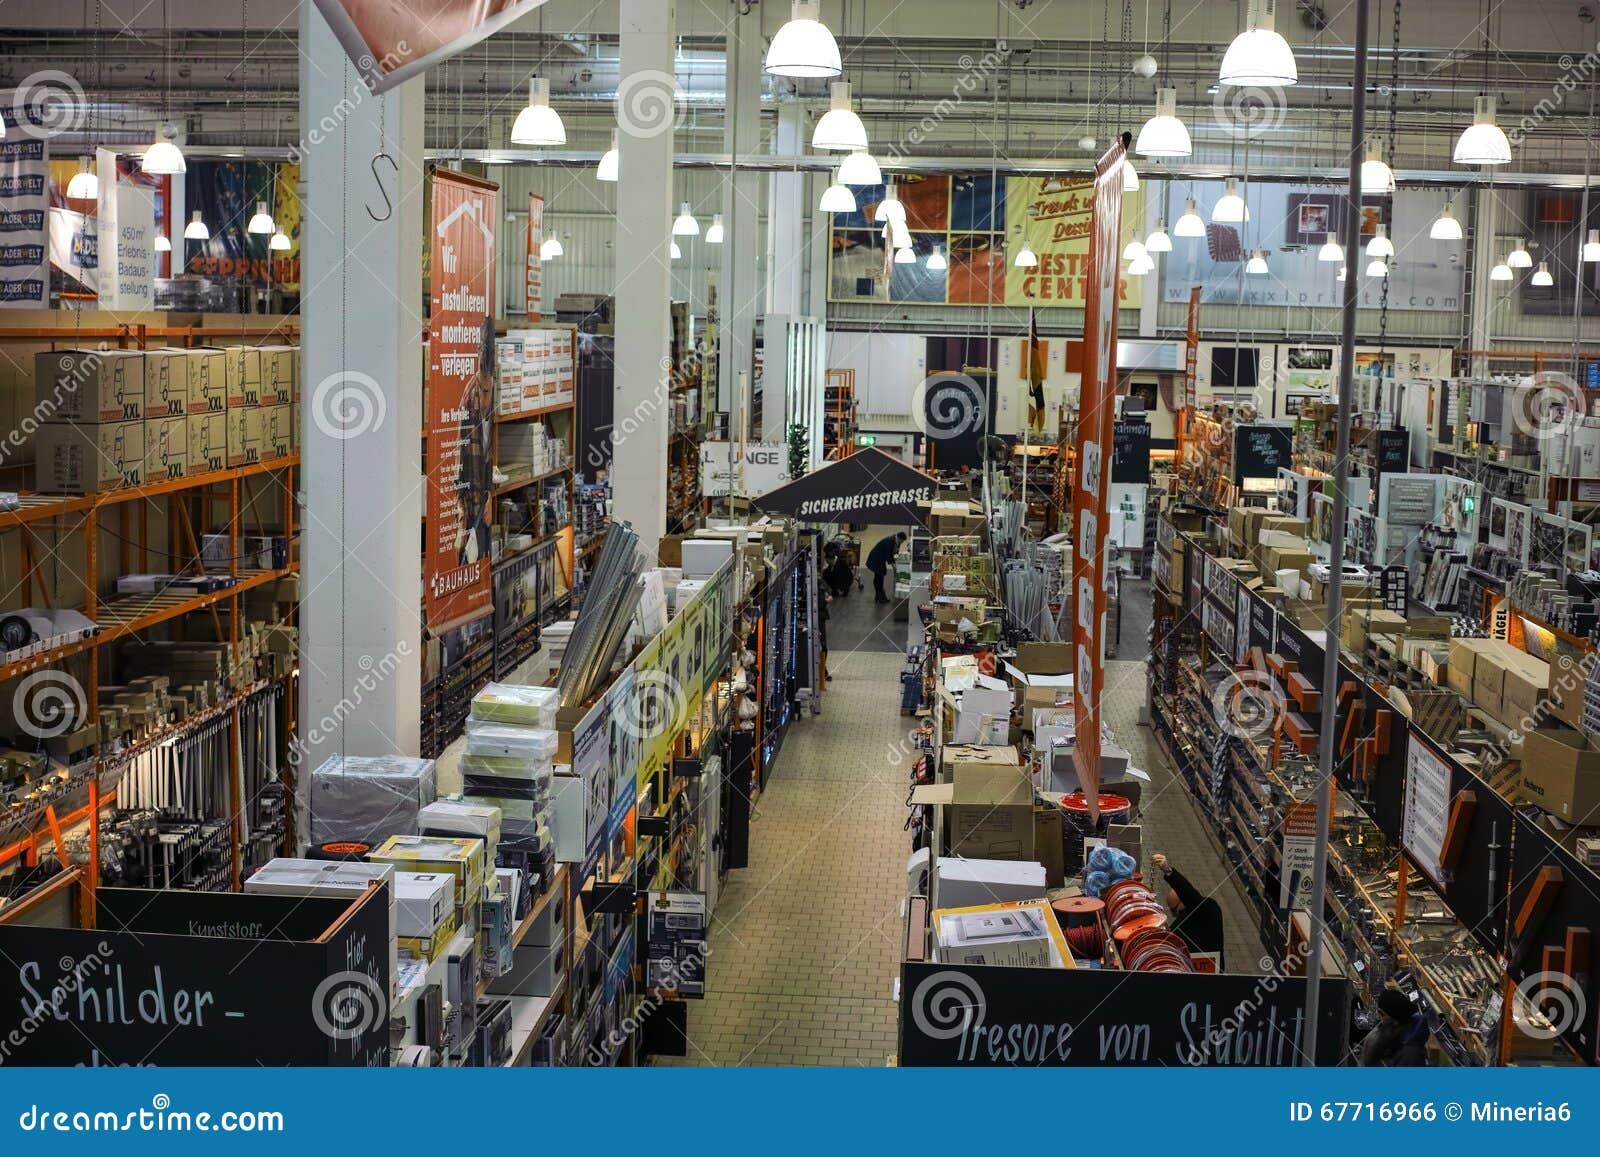 Tienda de los materiales de construcci n foto editorial - Materiales de construccion tarragona ...